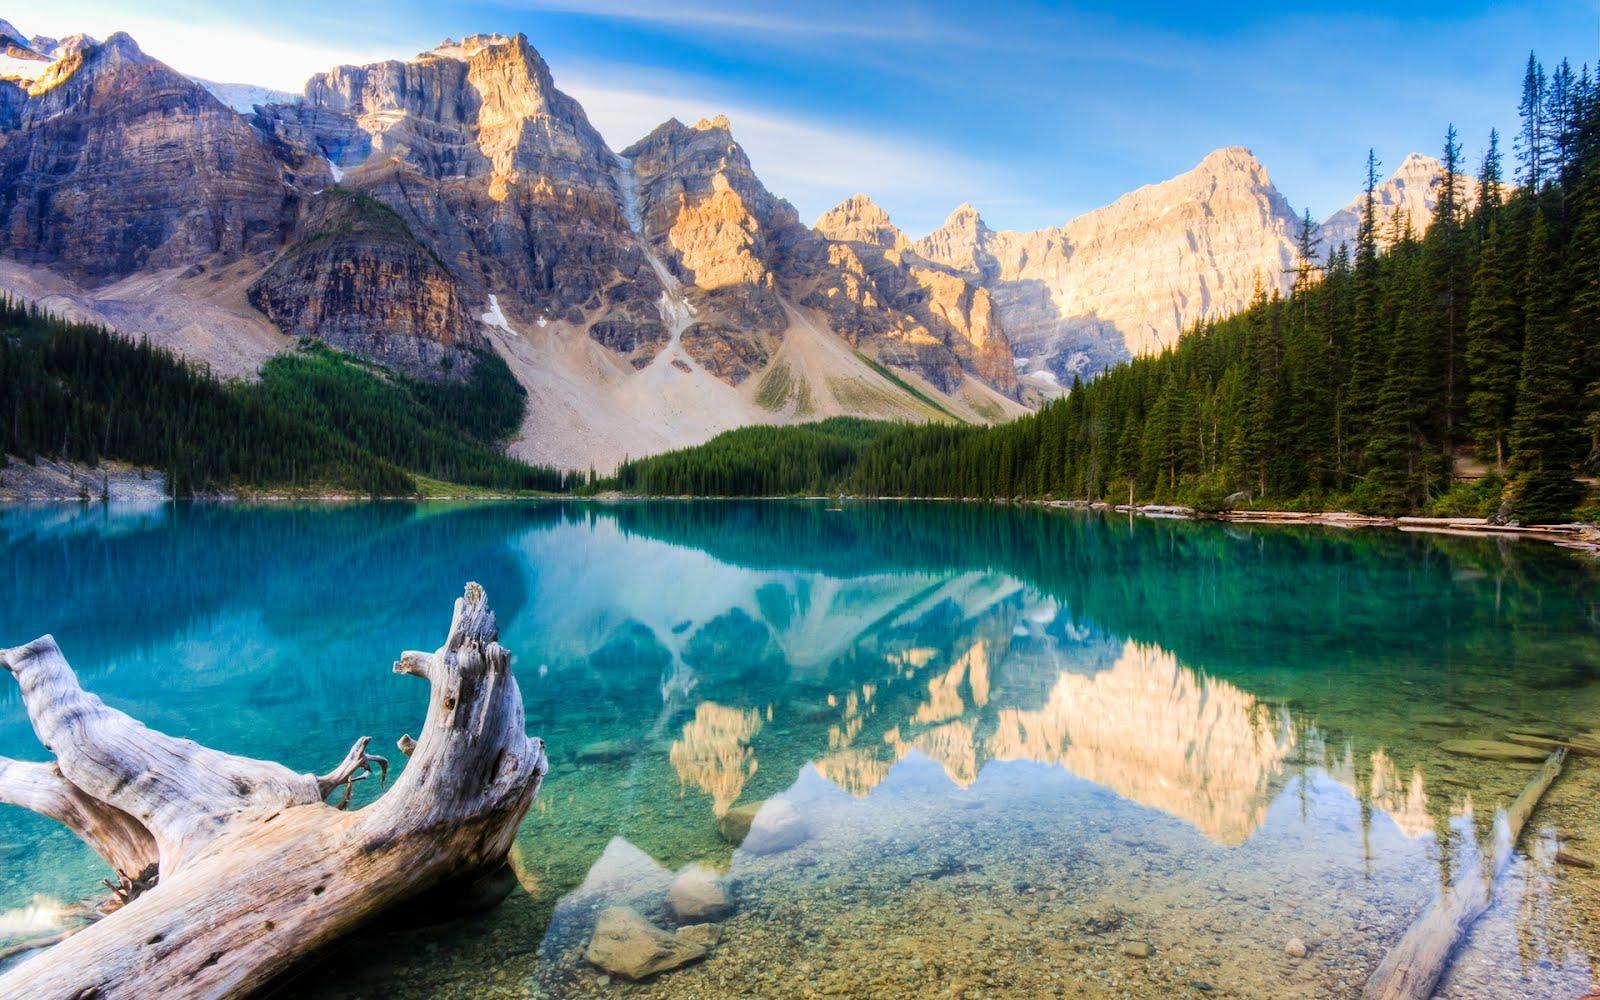 de canada landscape canada nature corner 1920x1200 wallpaper jpg 1600x1000